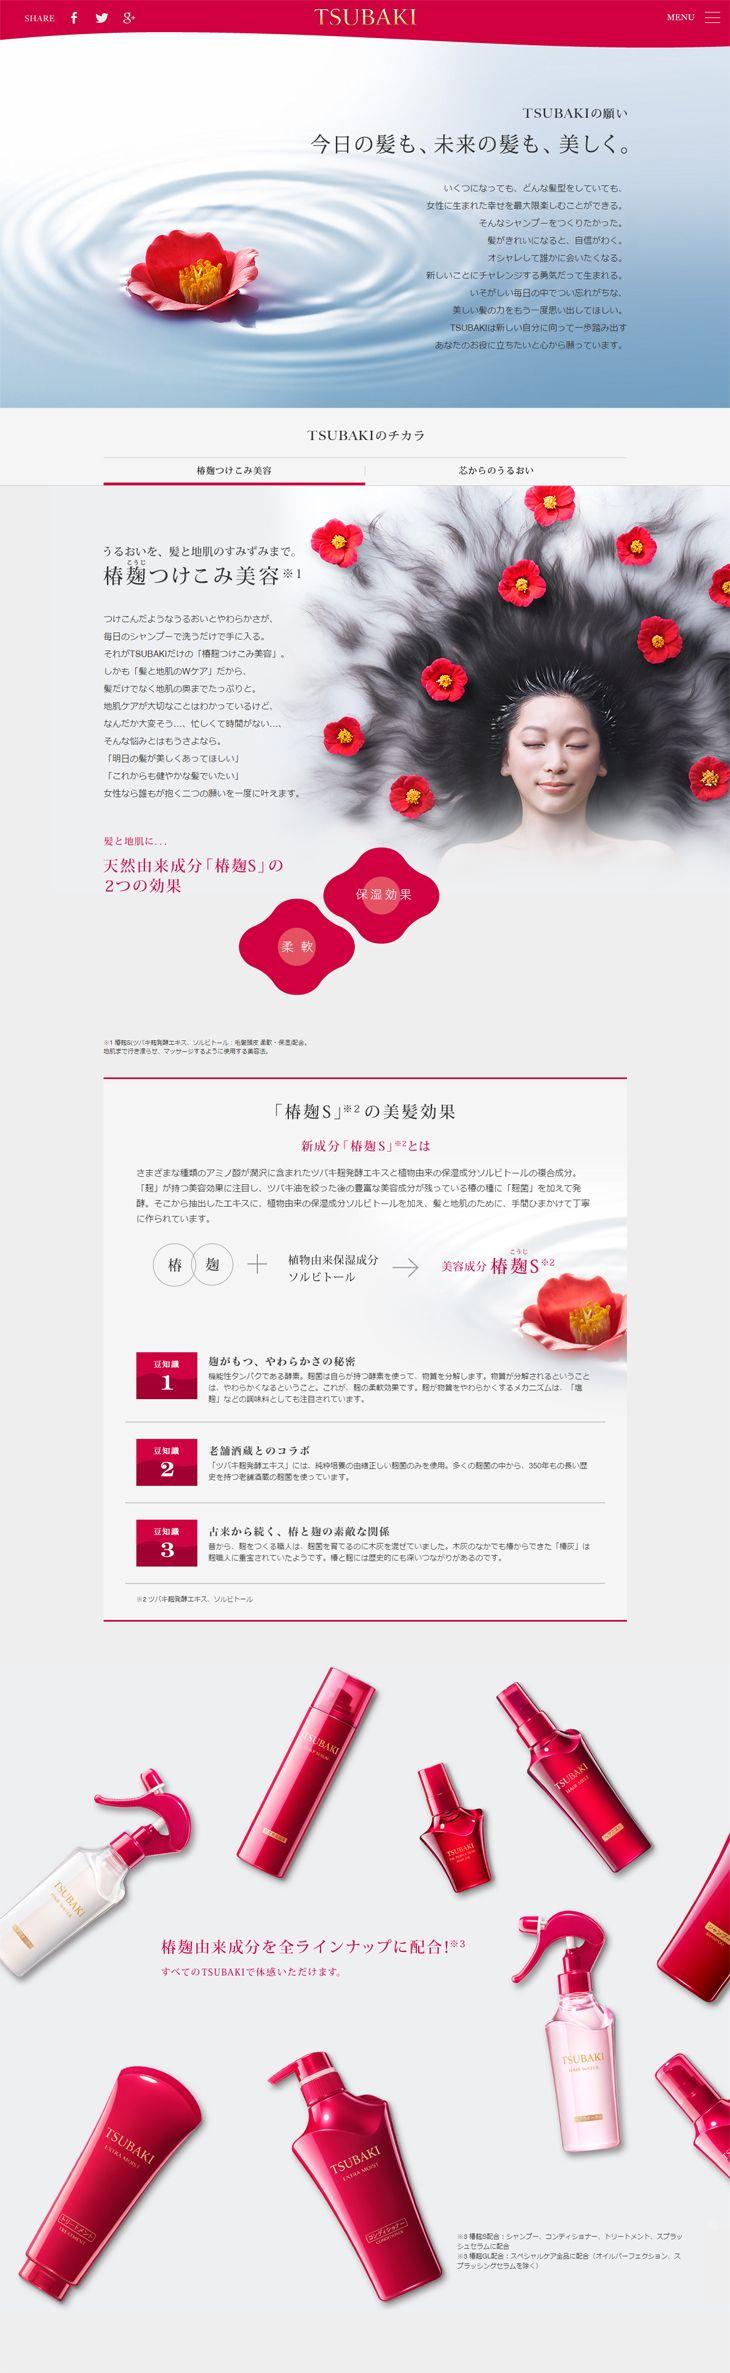 ランディングページ LP TSUBAKIのチカラ|スキンケア・美容商品|自社サイト